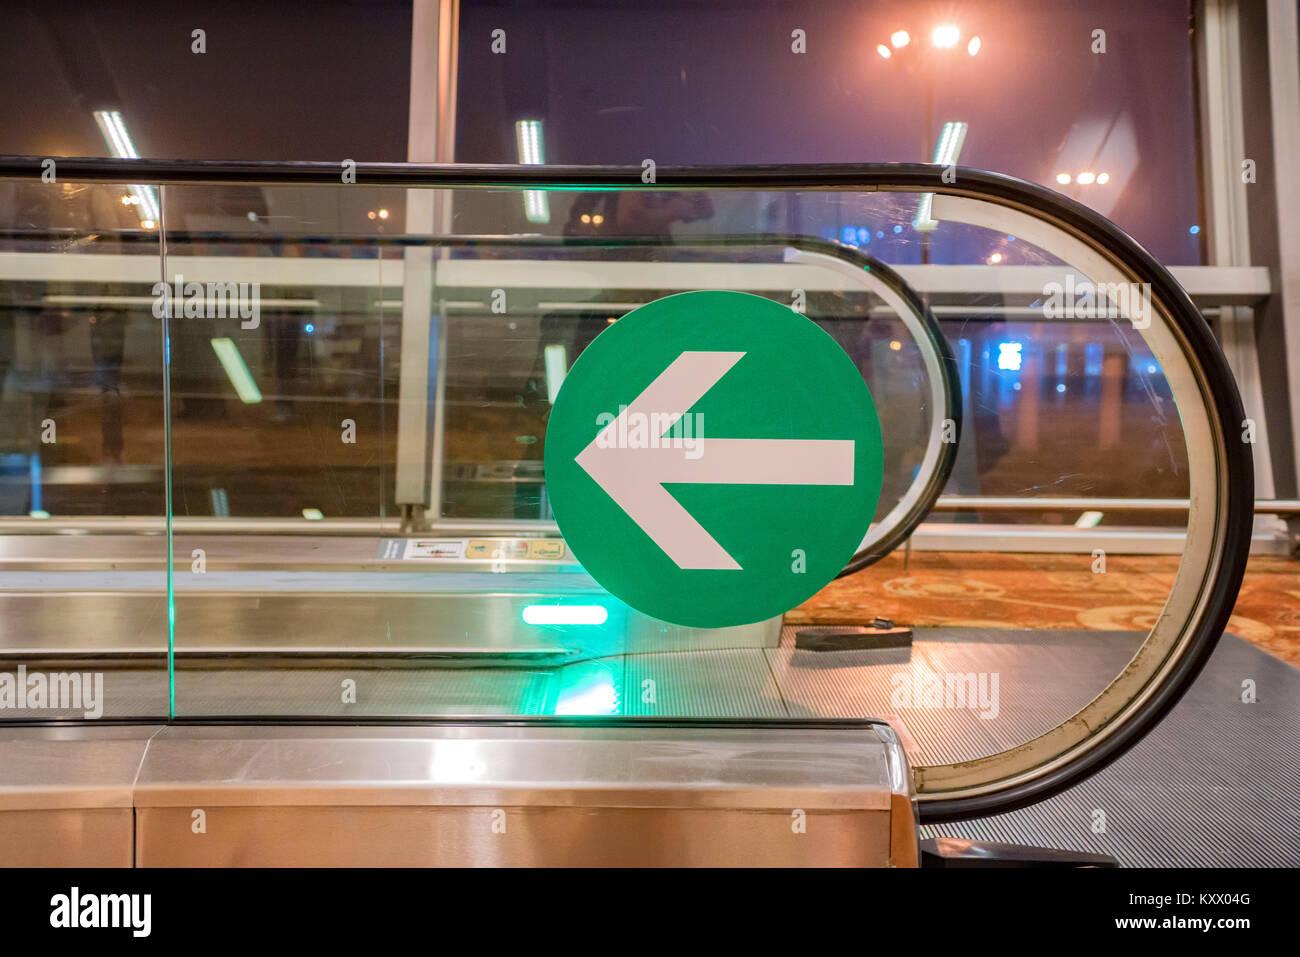 Grüner Pfeil auf dem Airport travelator Stockbild